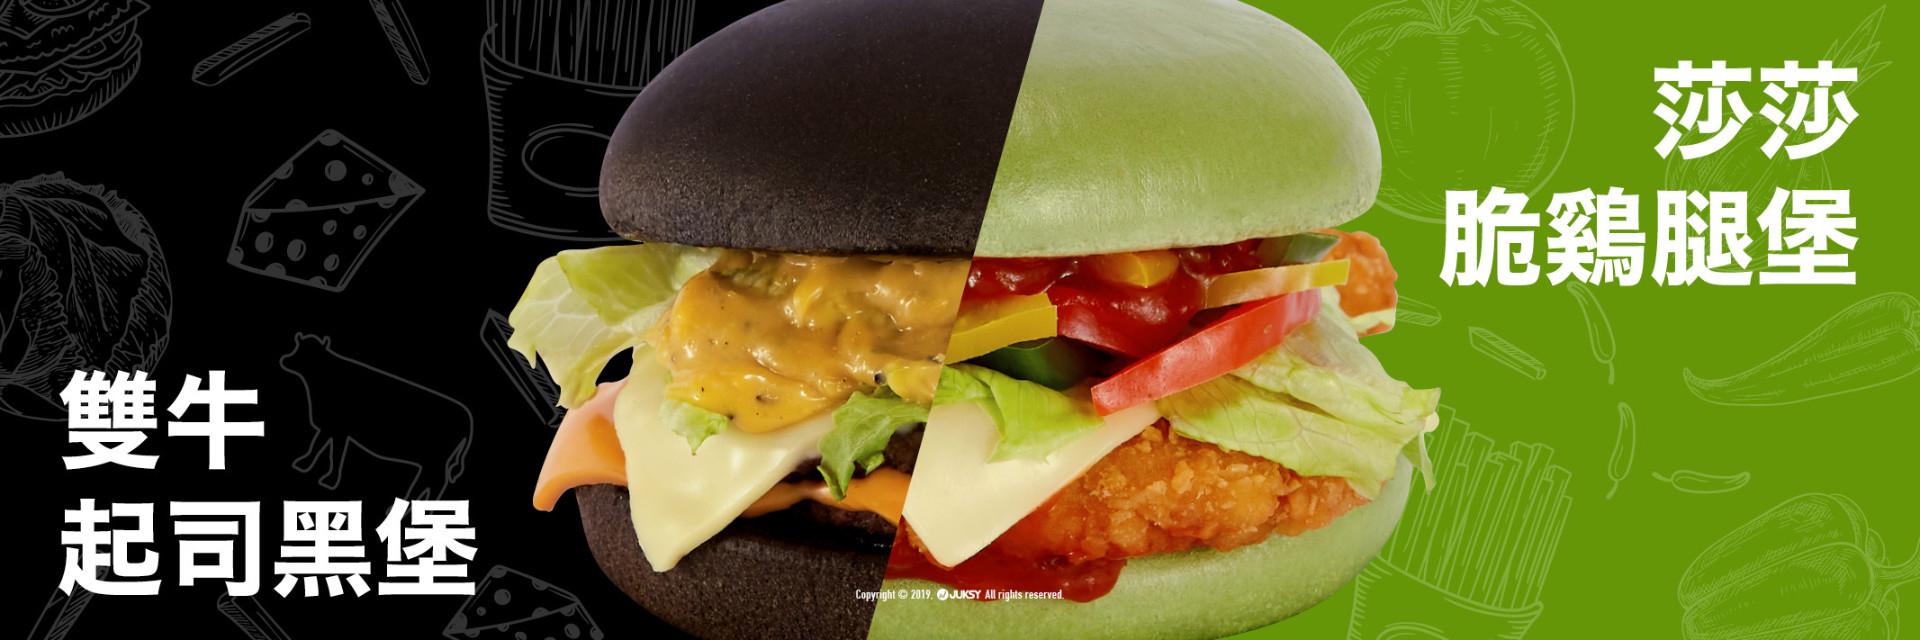 這一口,吃的是時髦!「麥當勞 x APUJAN」就是要給你不一樣的視覺饗宴